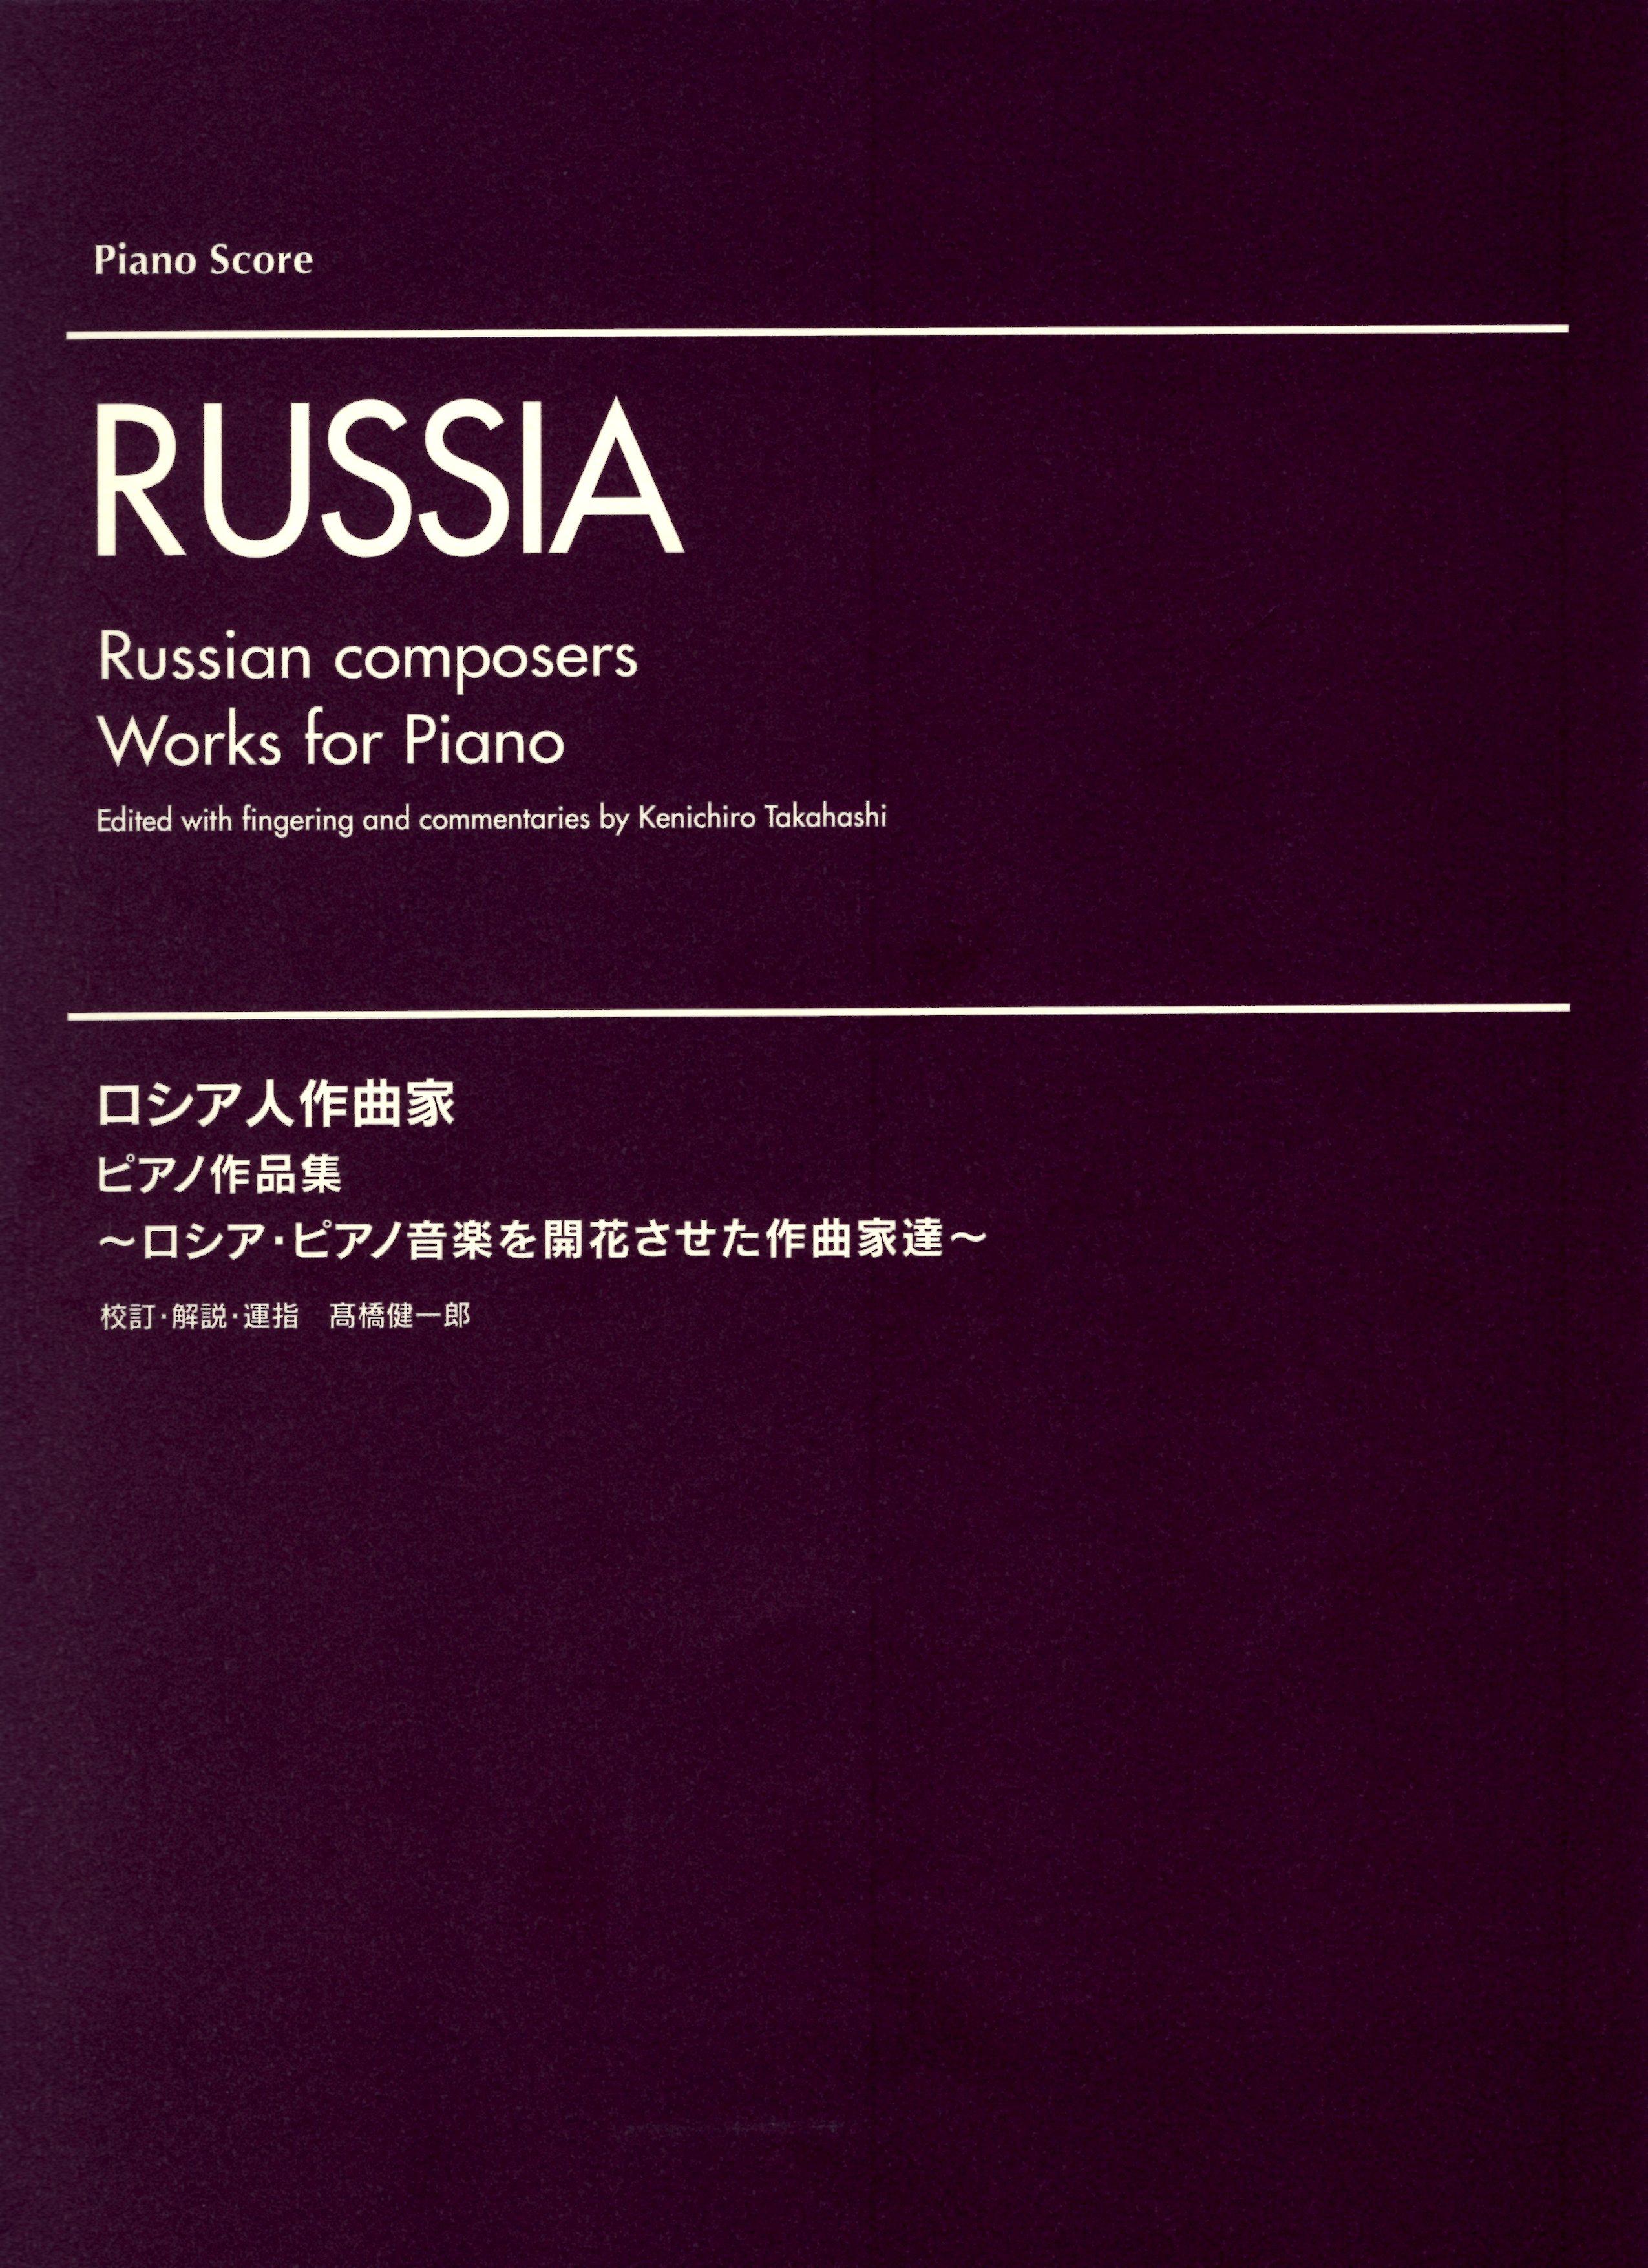 【鋼琴獨奏樂譜】俄羅斯作曲家鋼琴作品集 RUSSIA Russian composers works for piano ロシア人作曲家 ピアノ作品集